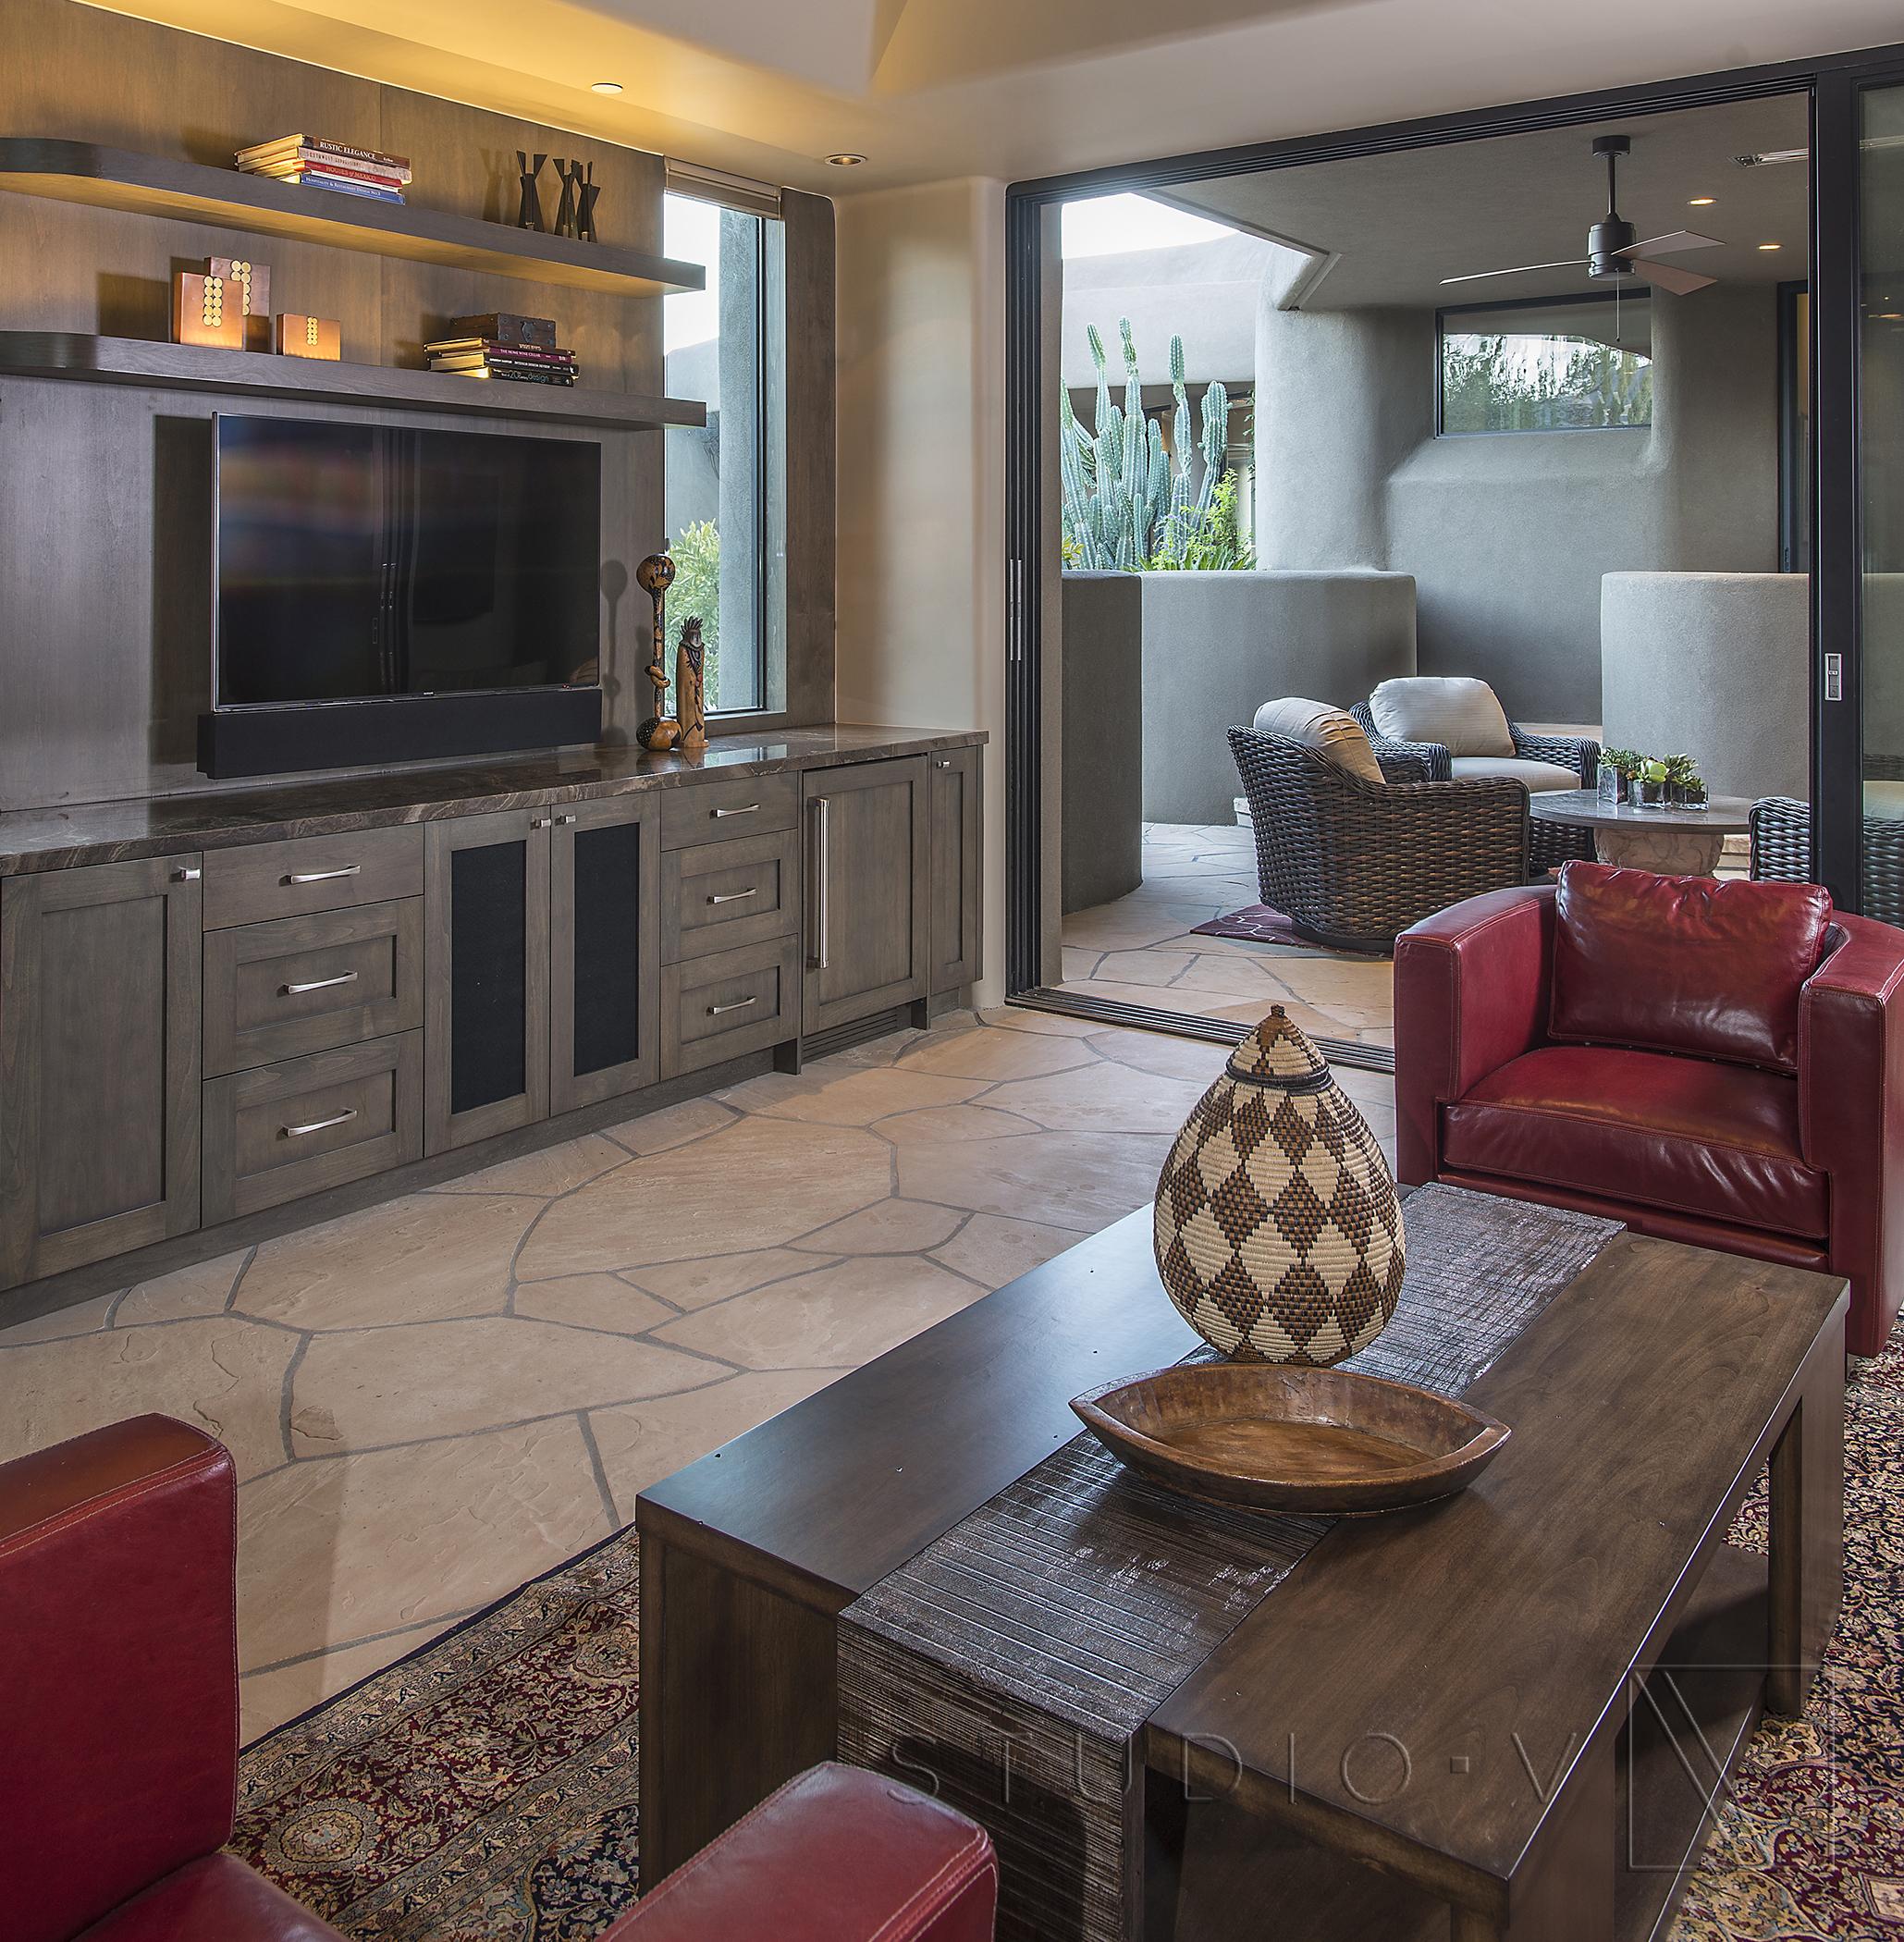 08_DSC_6265-1 Studio V Interiors Scottsdale AZ Arizona Interior Design.jpg